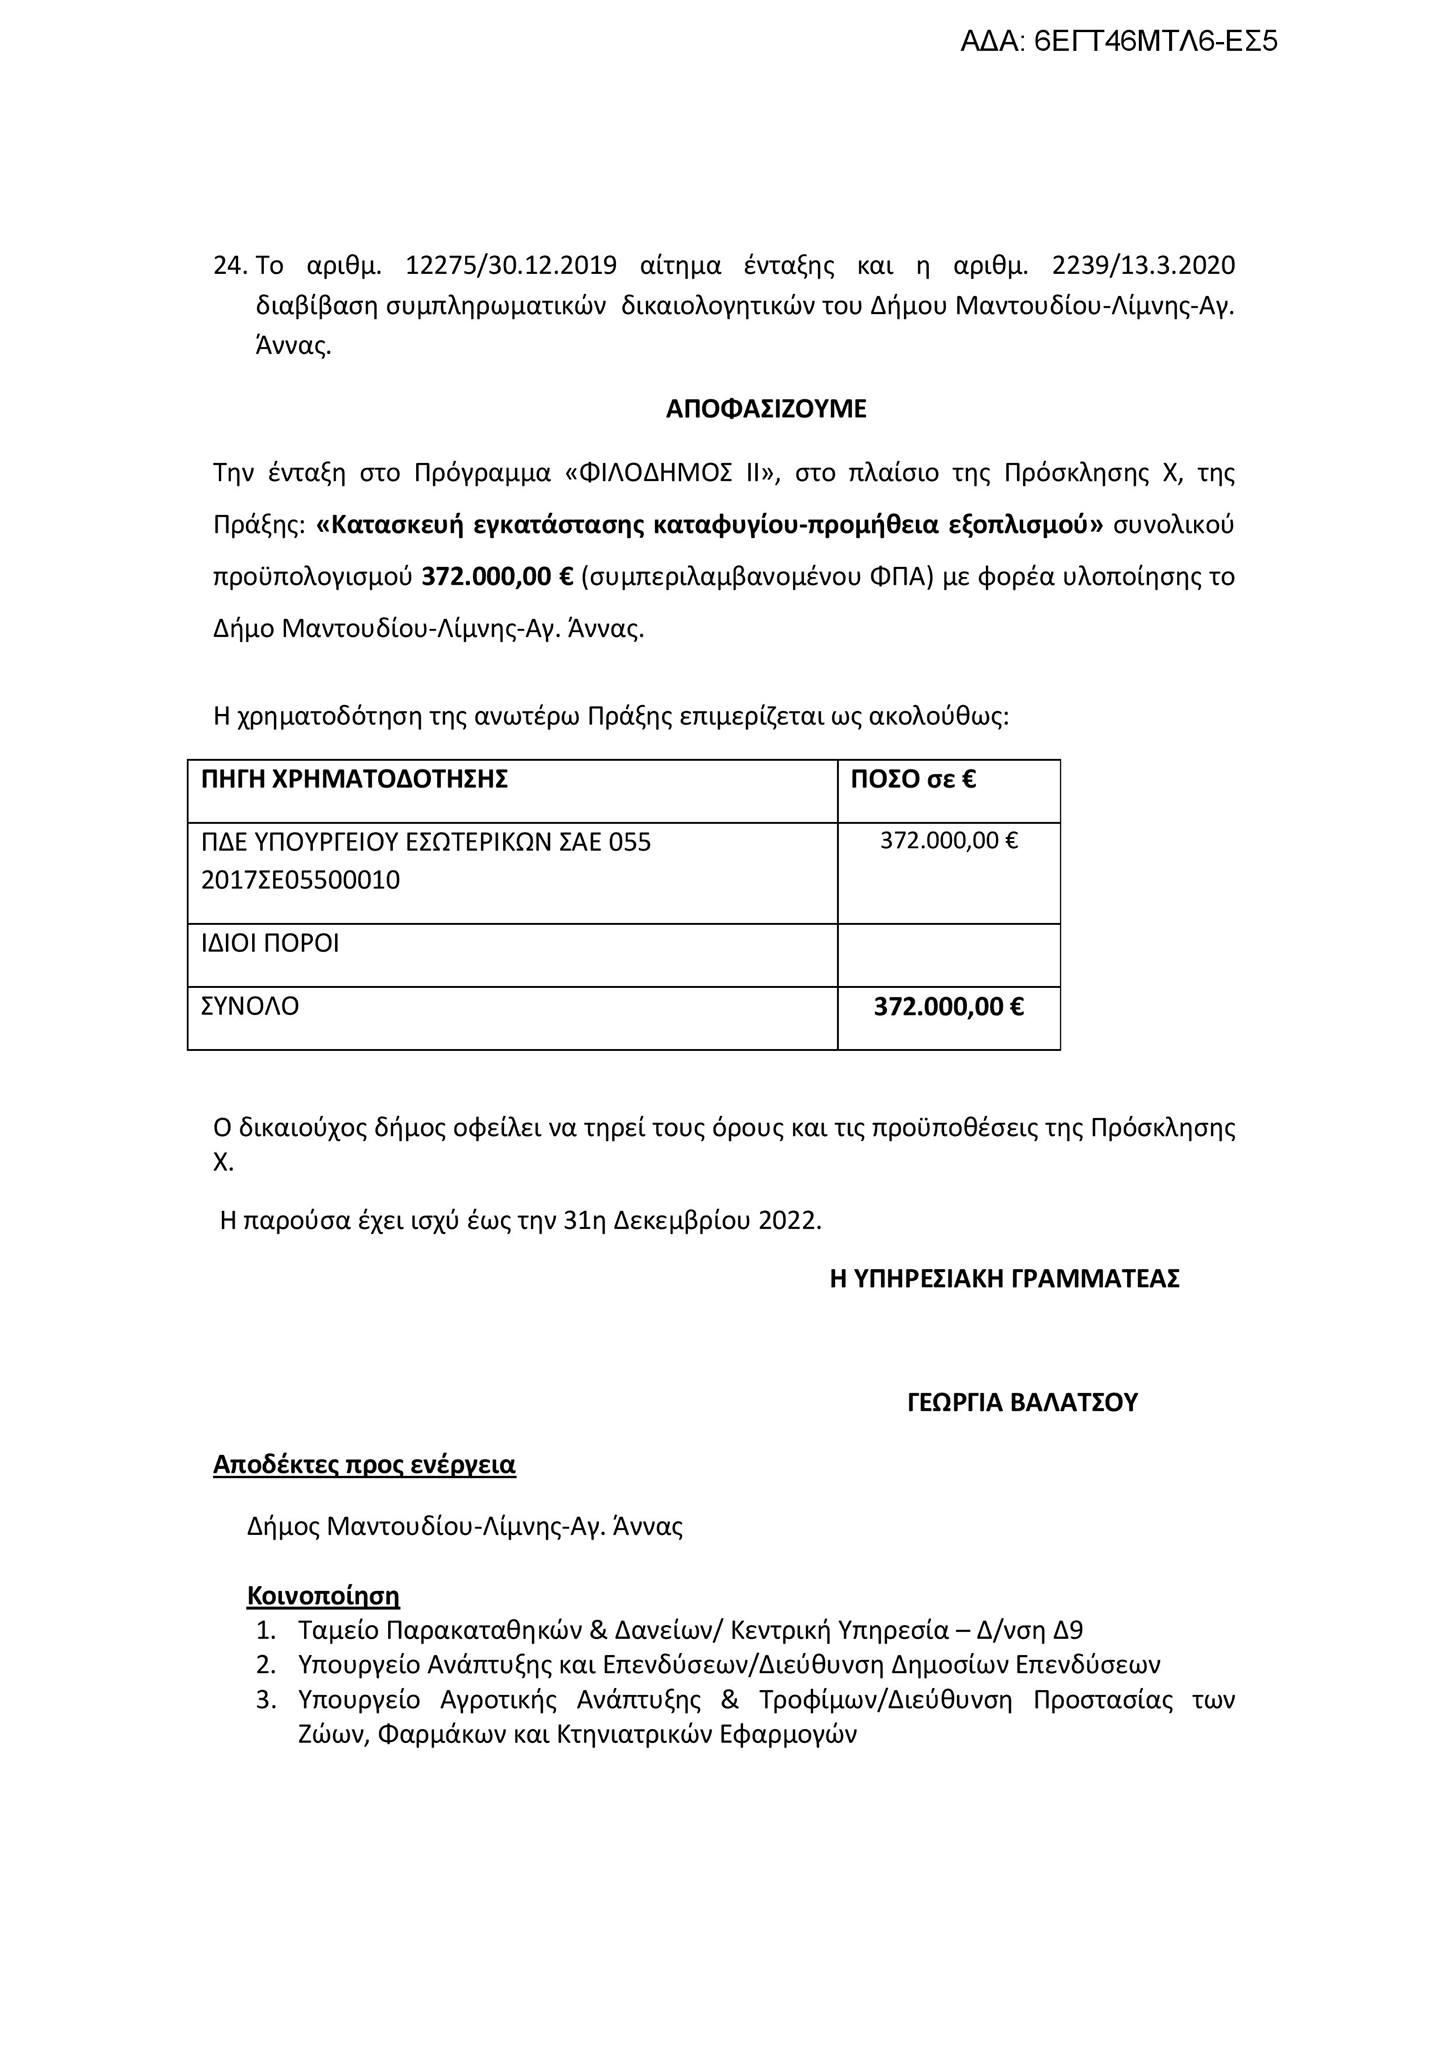 Πολύ ευχάριστα τα νέα για τον Δήμο Μαντουδίου Λίμνης Αγίας Άννας, Ακόμη ένα σημαντικό έργο της Δημοτικής Αρχής Τσαπουρνιώτη – 372.000 ευρώ για «Κατασκευή εγκατάστασης καταφυγίου αδέσποτων ζώων – προμήθεια εξοπλισμού» στο Φιλόδημος ΙΙ, Eviathema.gr | Εύβοια Τοπ Νέα Ειδήσεις